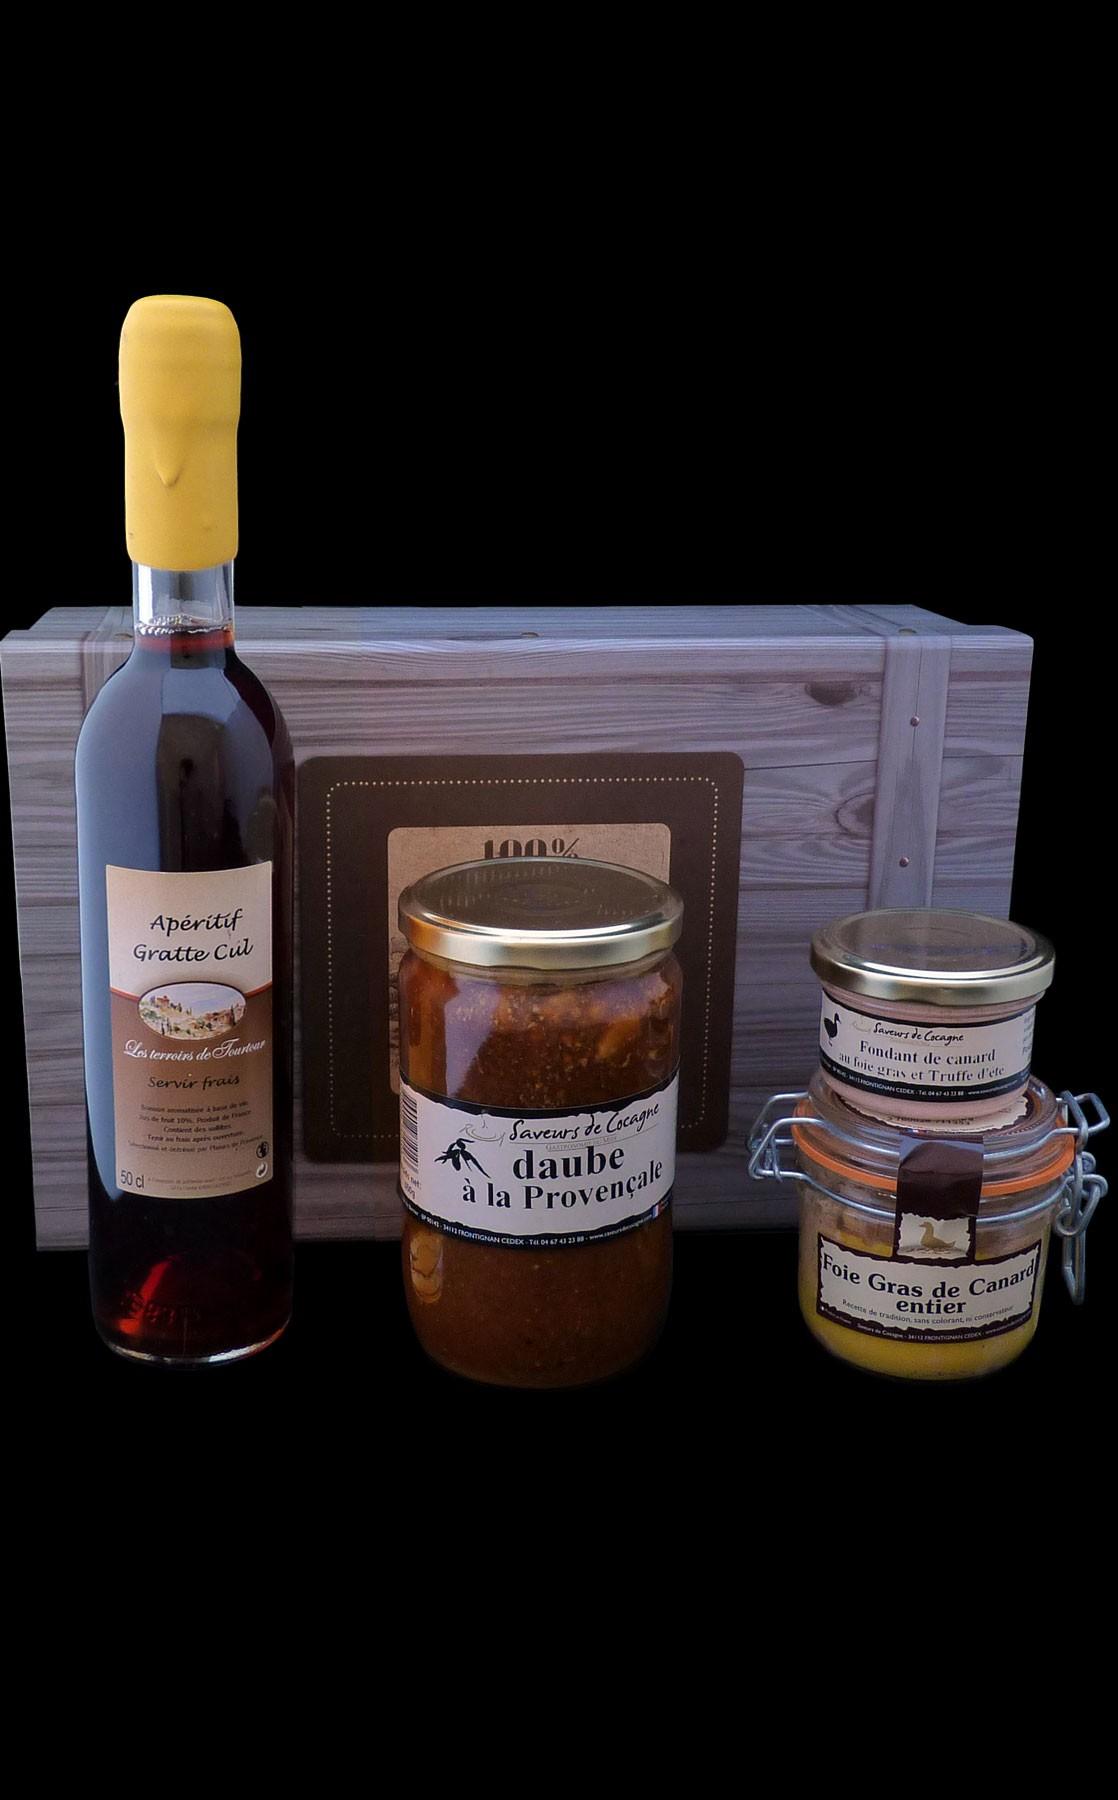 Coffret authentique foie gras, daube et apéritif Gratte-Cul